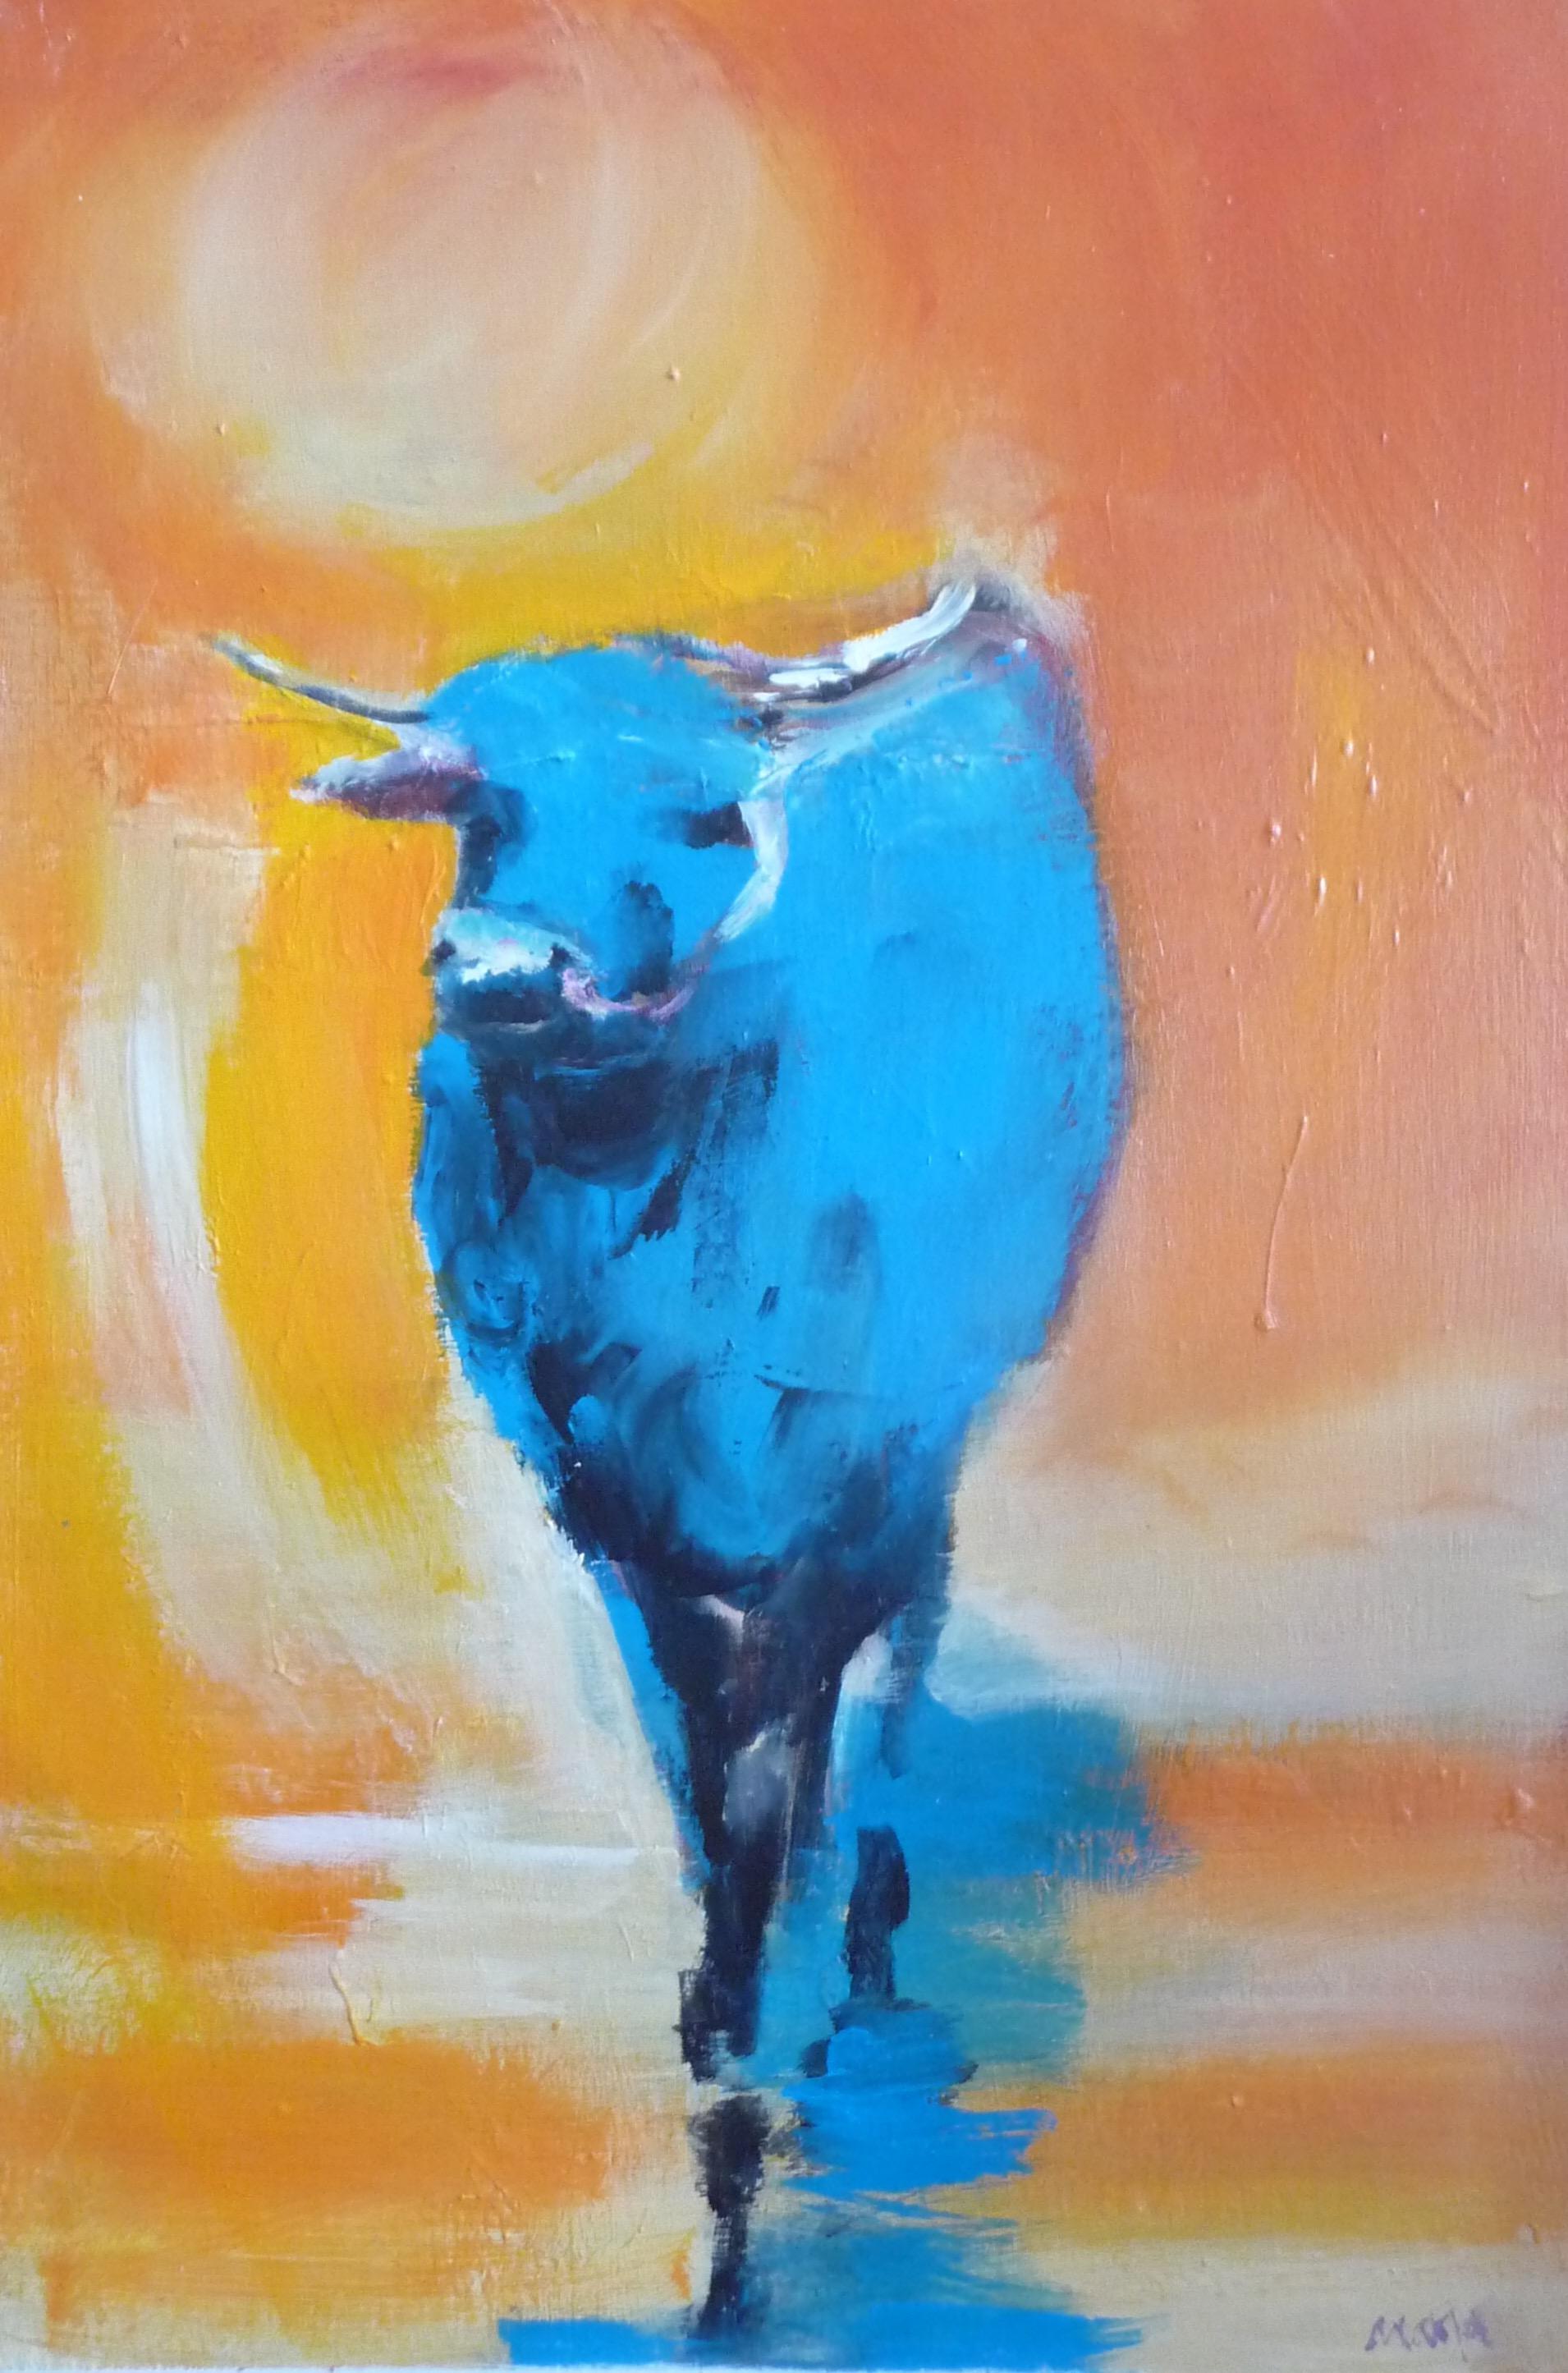 Schilderij painting, Een os geschilderd in heldere kleuren, blauw geel, rood/. Oranje vriendelijke, zonnig. ox zen boeddhisme colorful kleurrijk